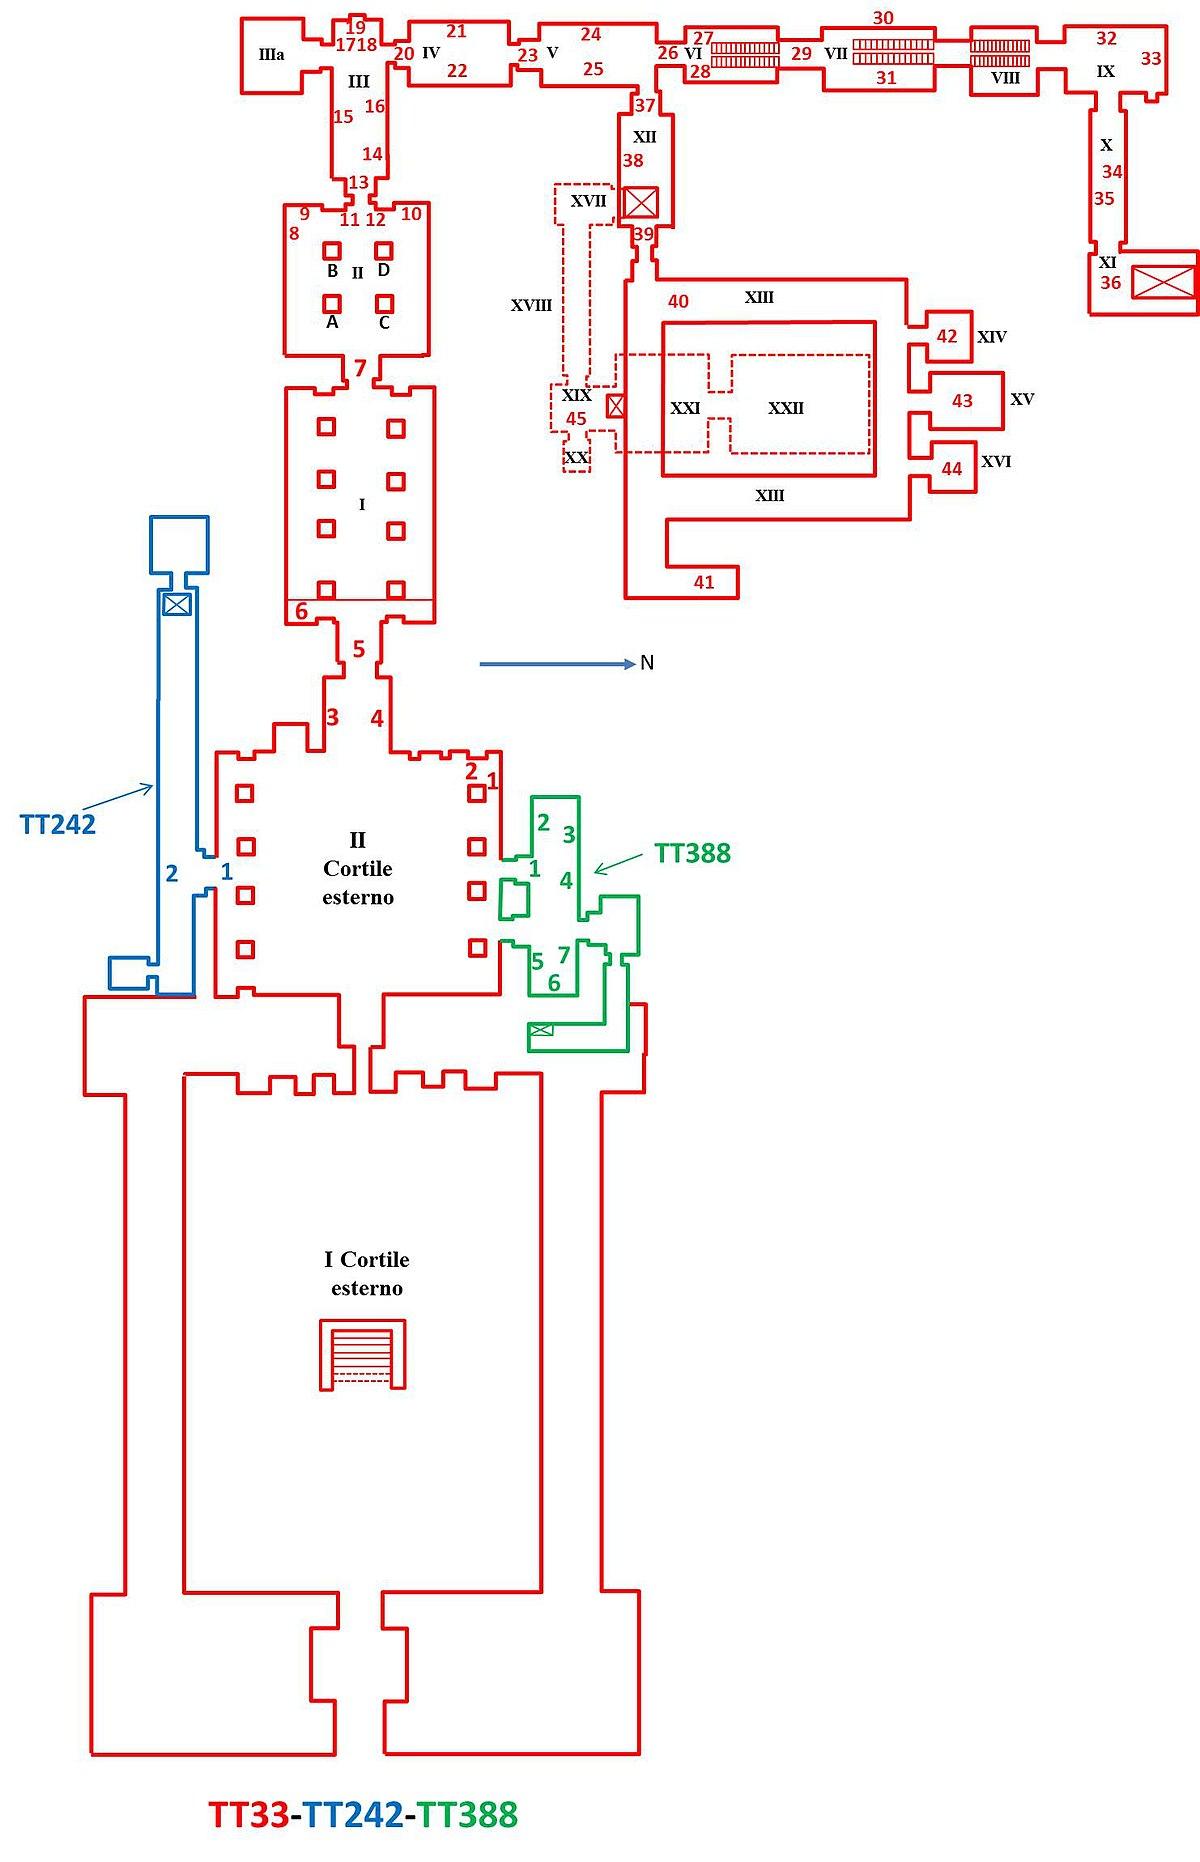 hight resolution of tt 33 diagram